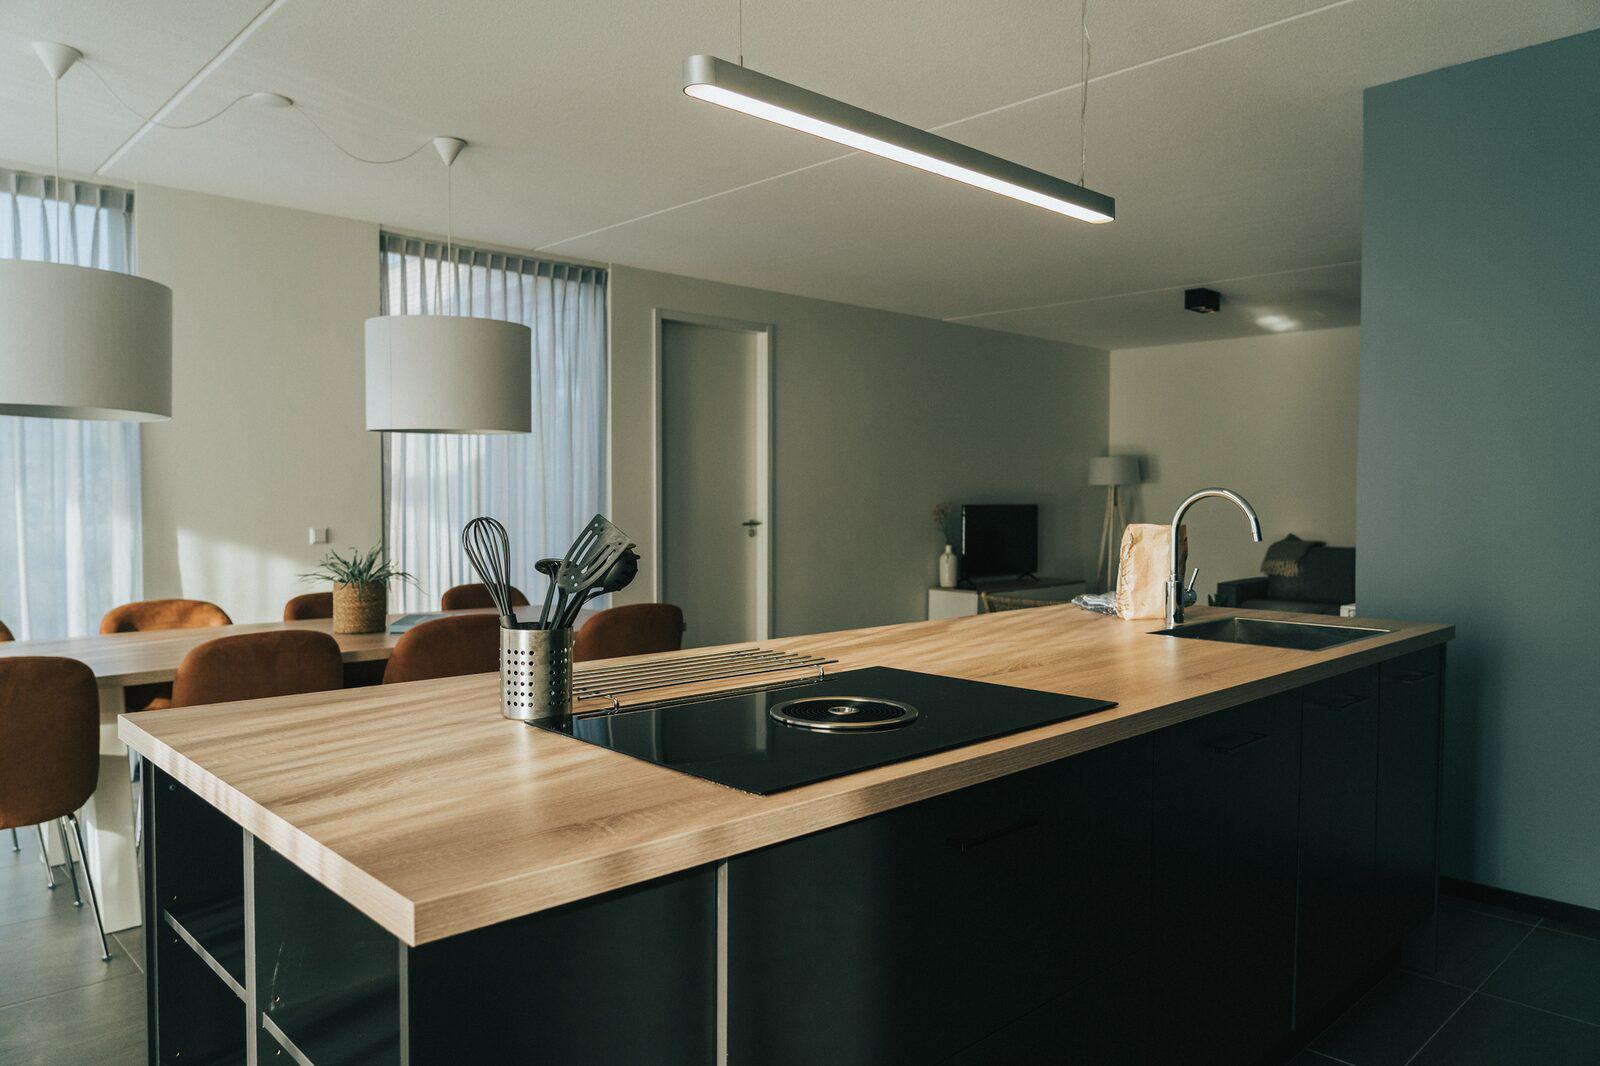 Vakantiehuis voor 8-personen comfort in Ouddorp | Ridderstee